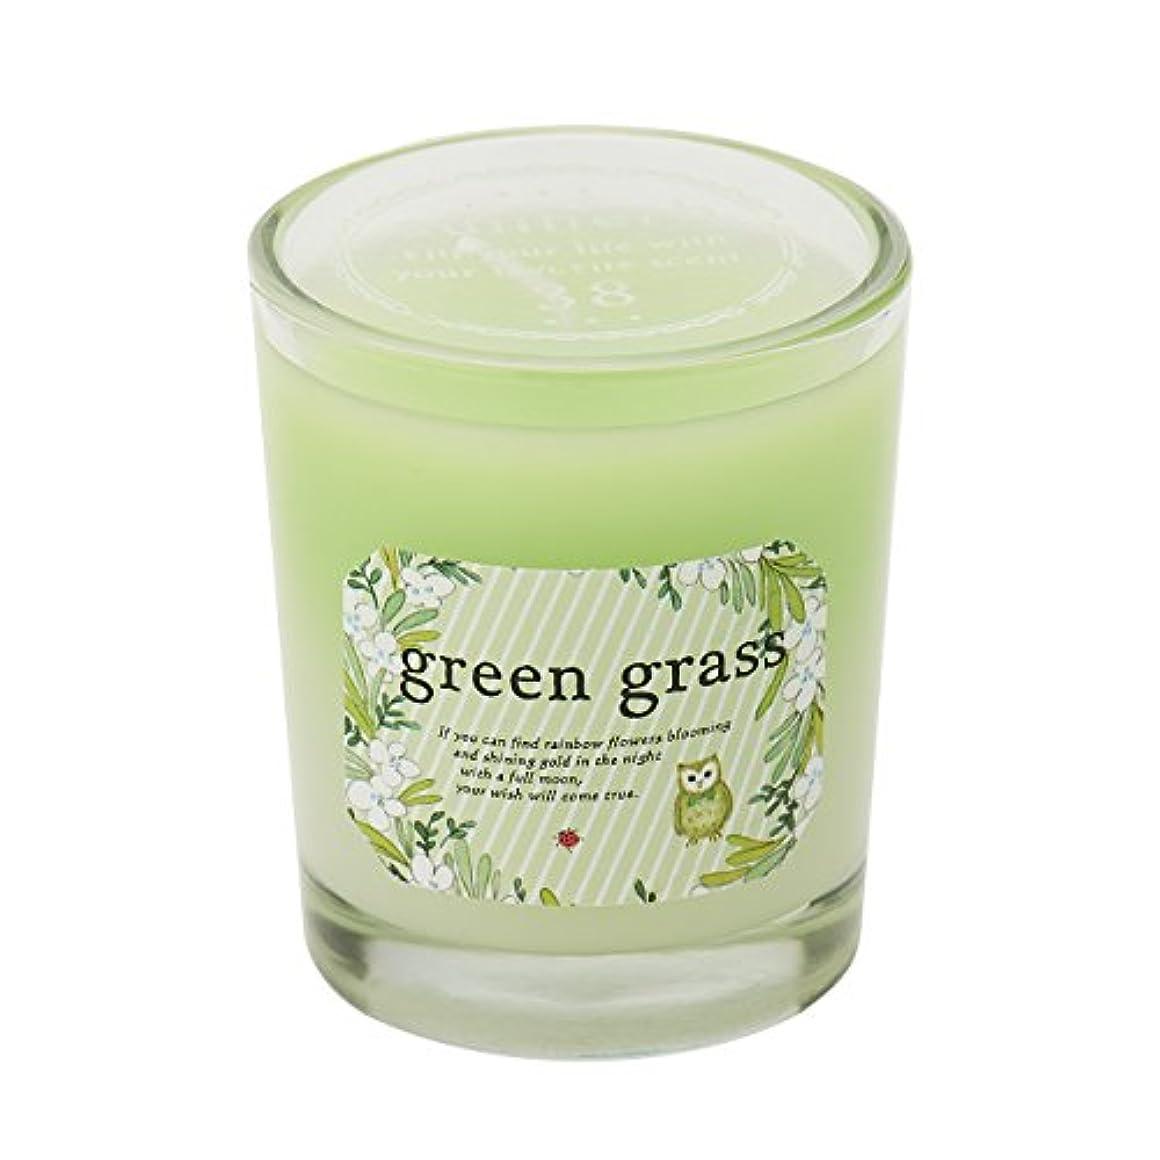 信頼性素人配送サンハーブ グラスキャンドル グリーングラス 35g(グラデーションろうそく 燃焼時間約10時間 爽やかでちょっと大人の香り)